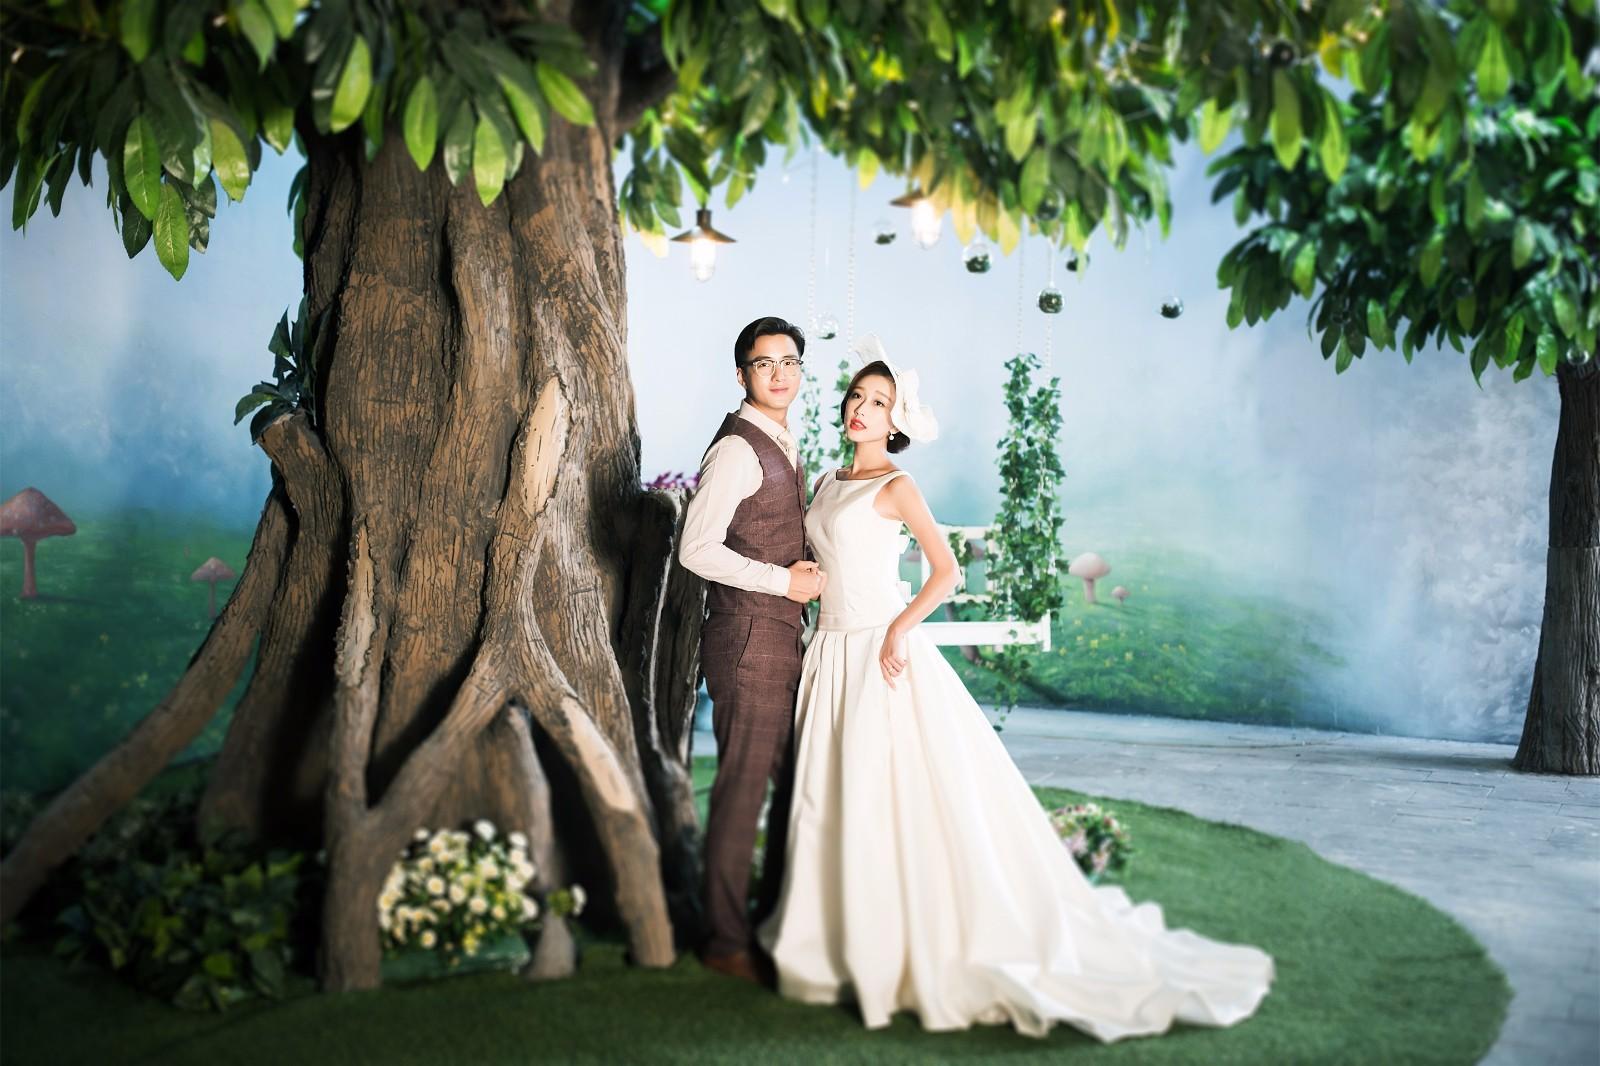 中式婚礼流程,蕴含了中国很多的礼节。